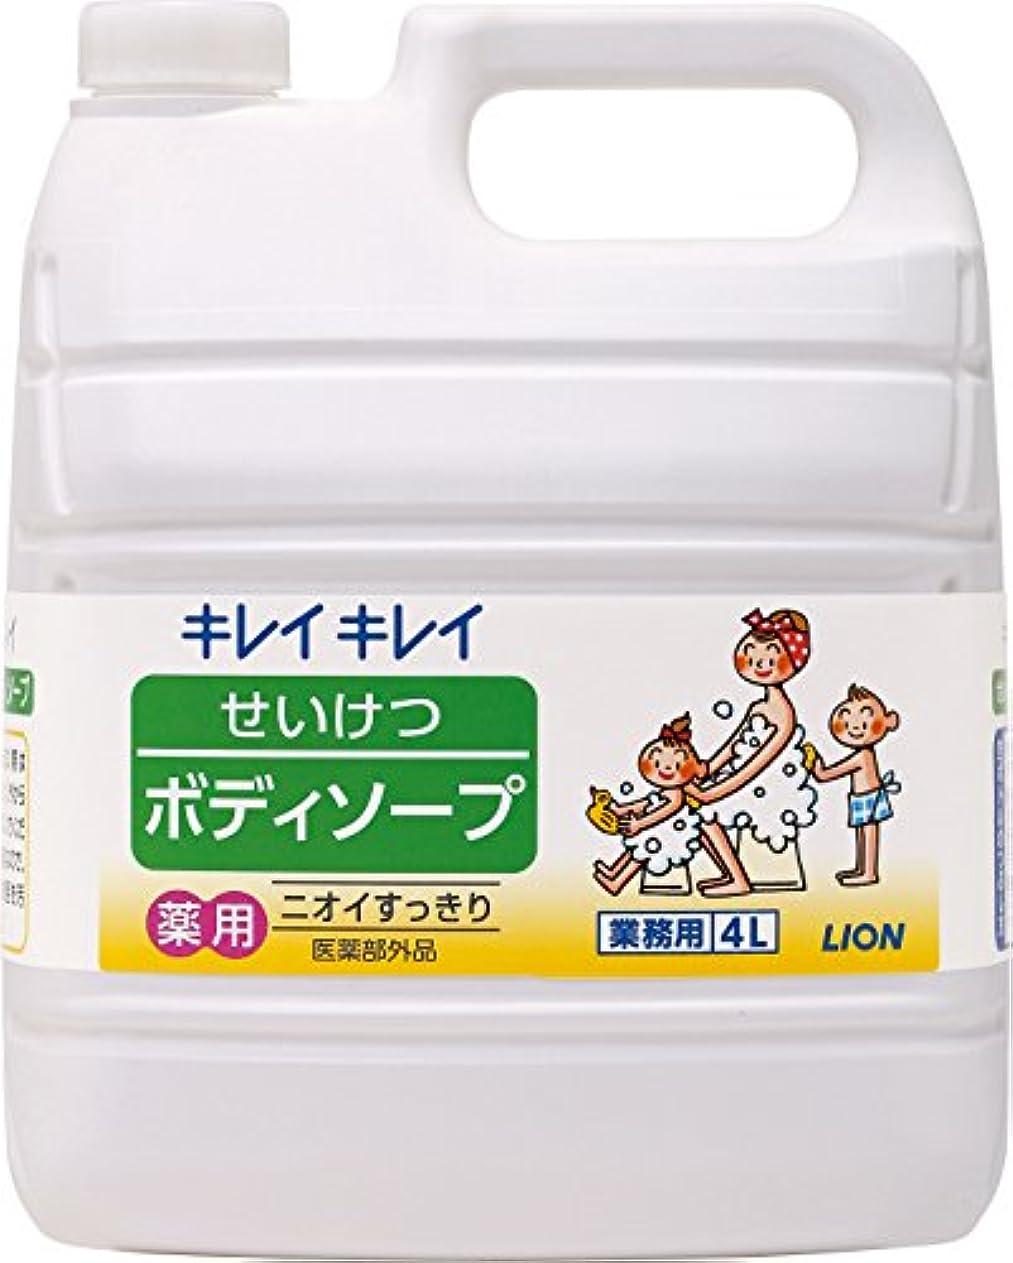 表面オール協力【業務用 大容量】キレイキレイ せいけつボディソープ さわやかなレモン&オレンジの香り 4L(医薬部外品)